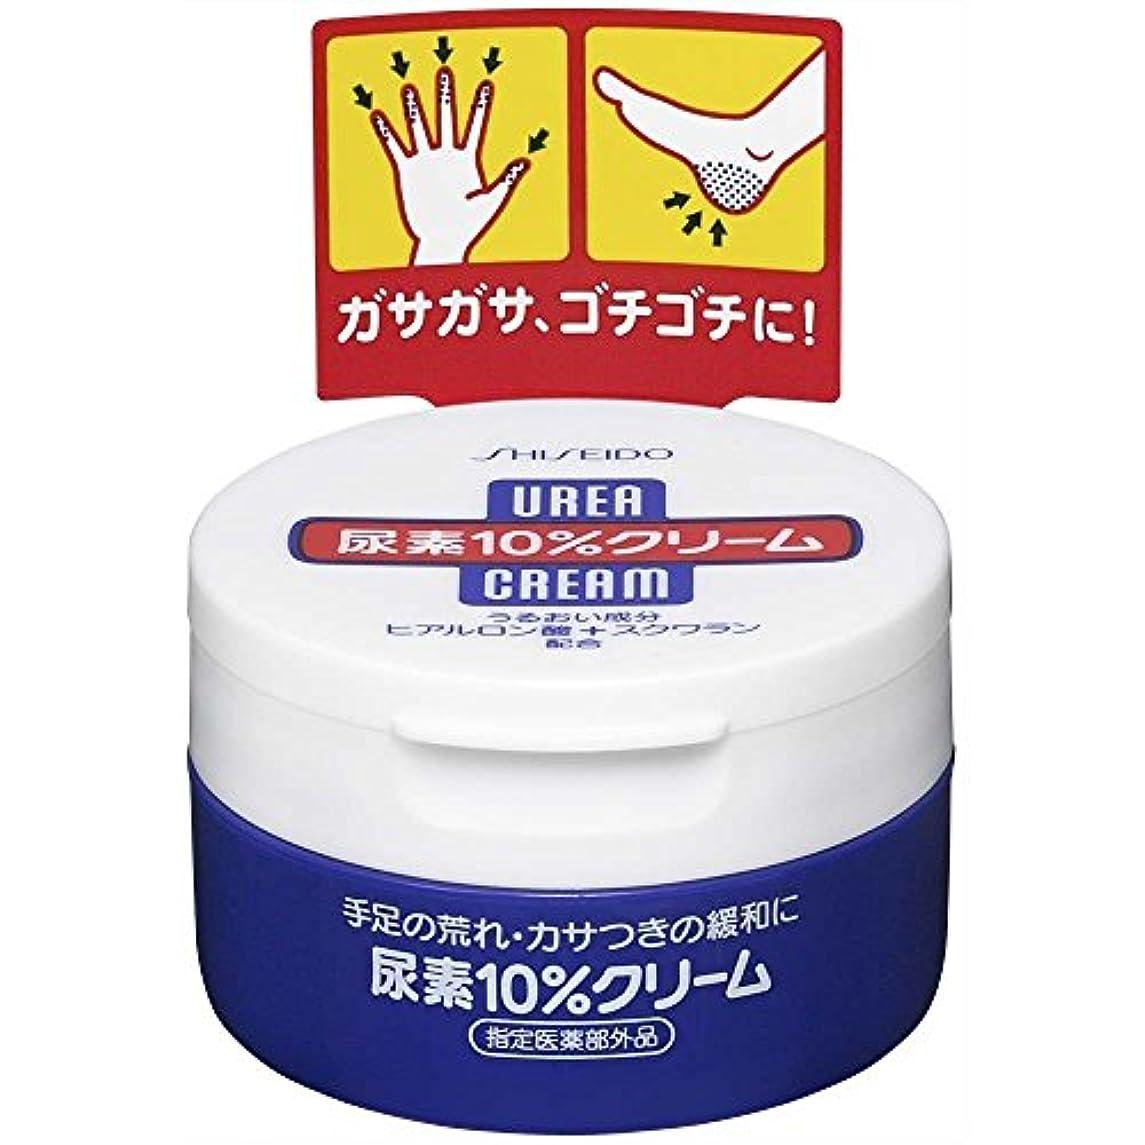 コースおとなしい隠す資生堂 尿素10%クリーム 100g(医薬部外品)